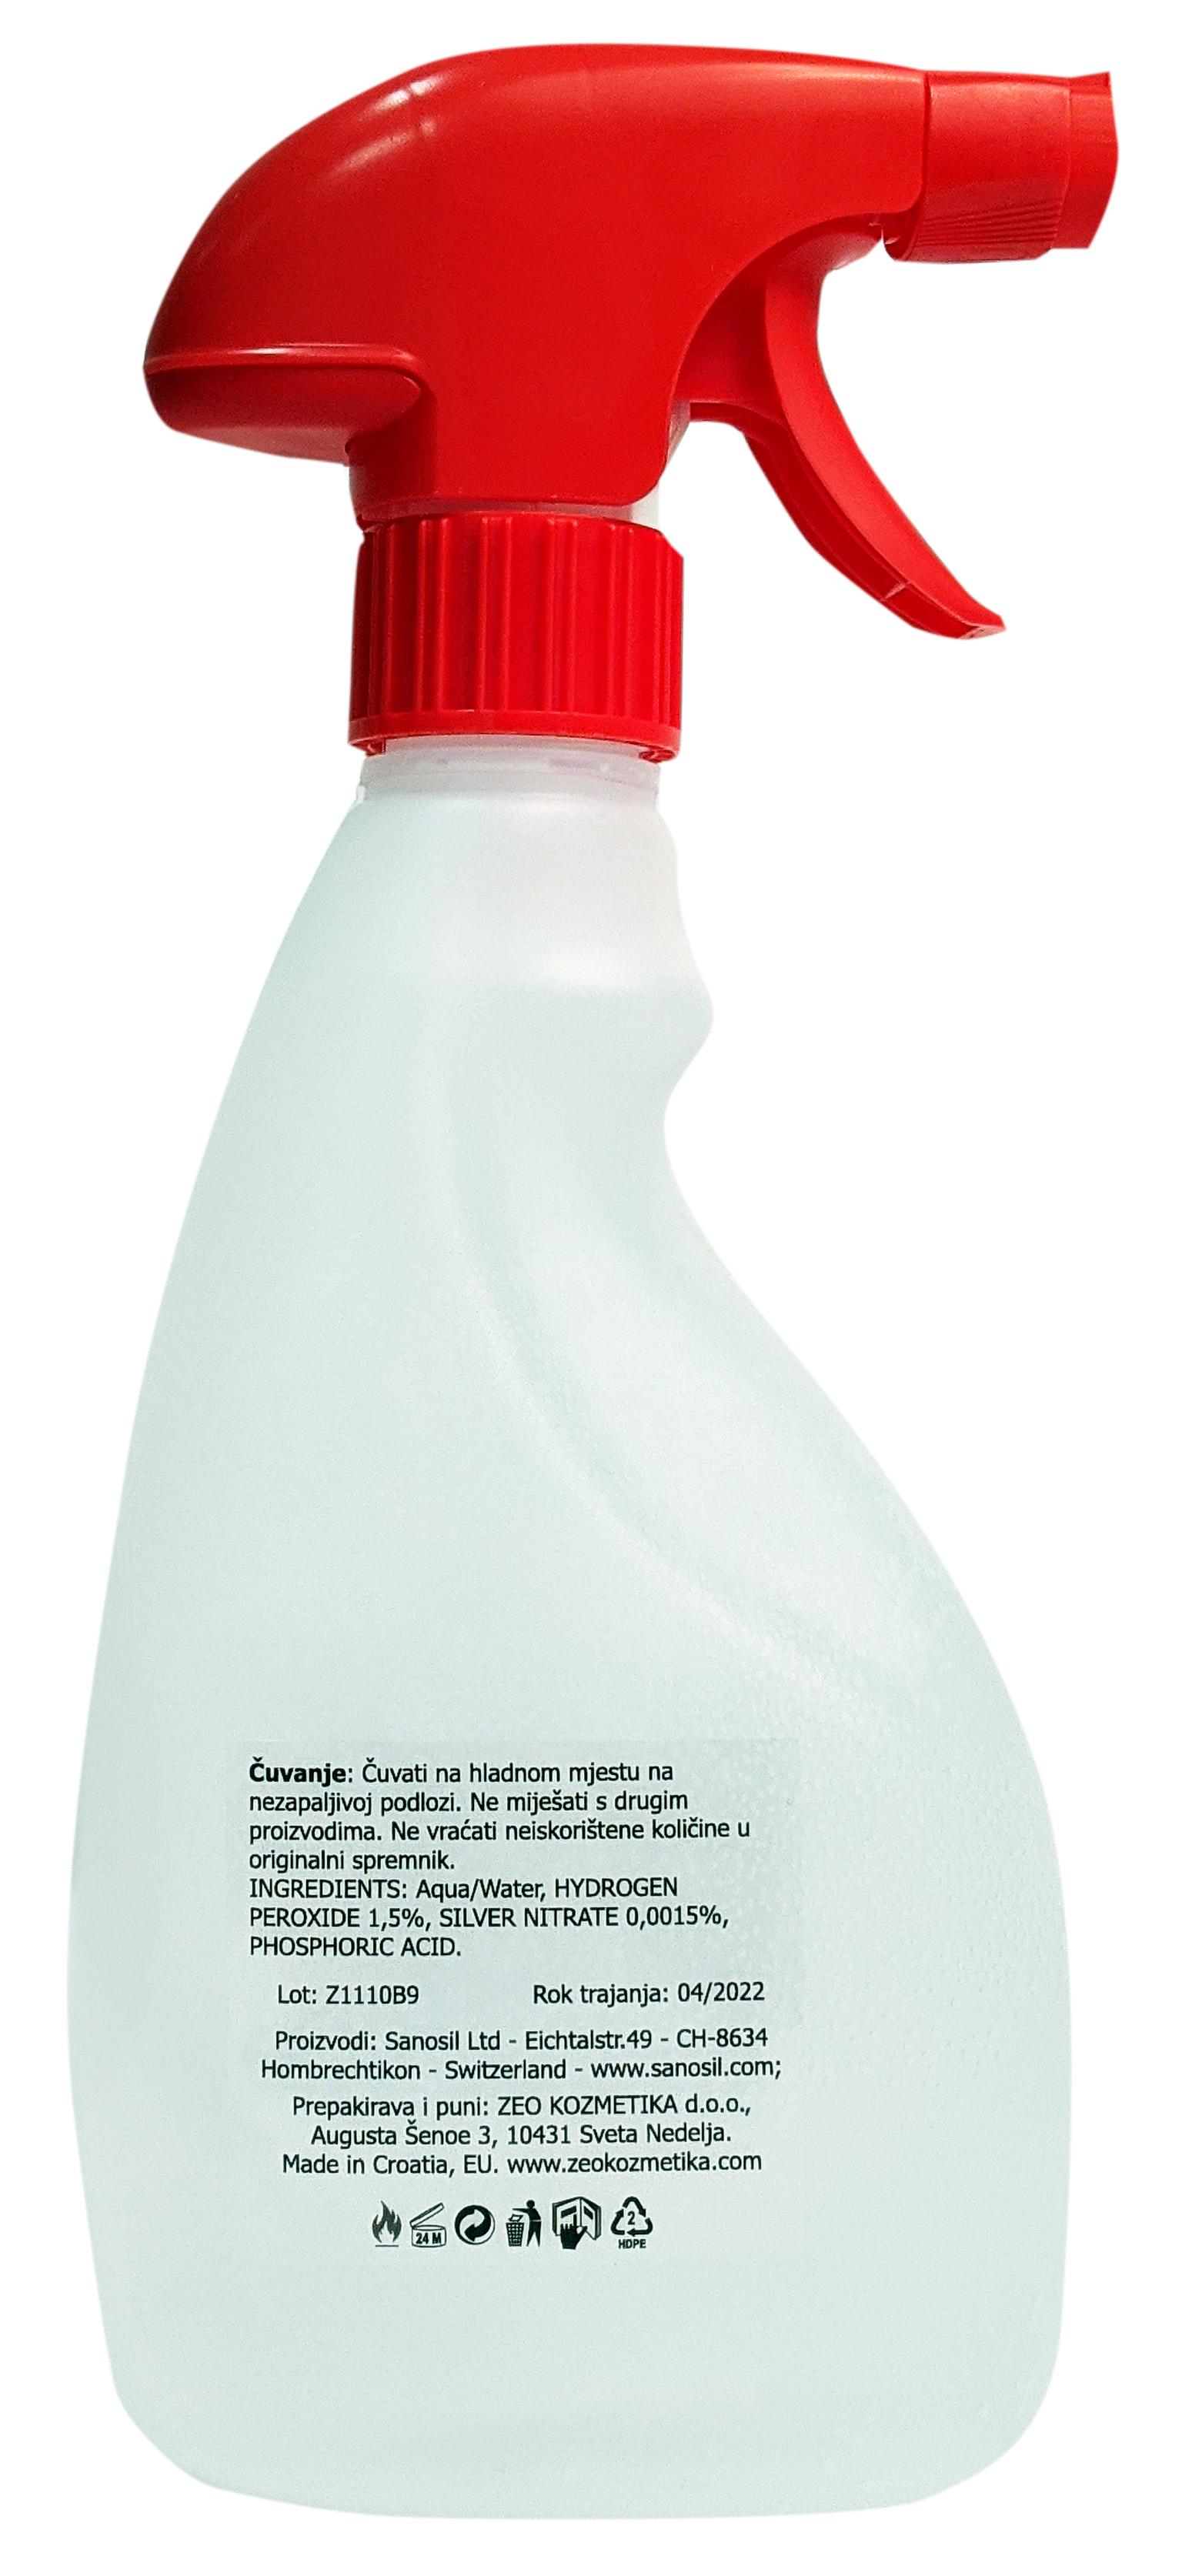 Sanosil S003 sredstvo za dezinfekciju površina i ruku - s raspršivačem, 0,5 litara